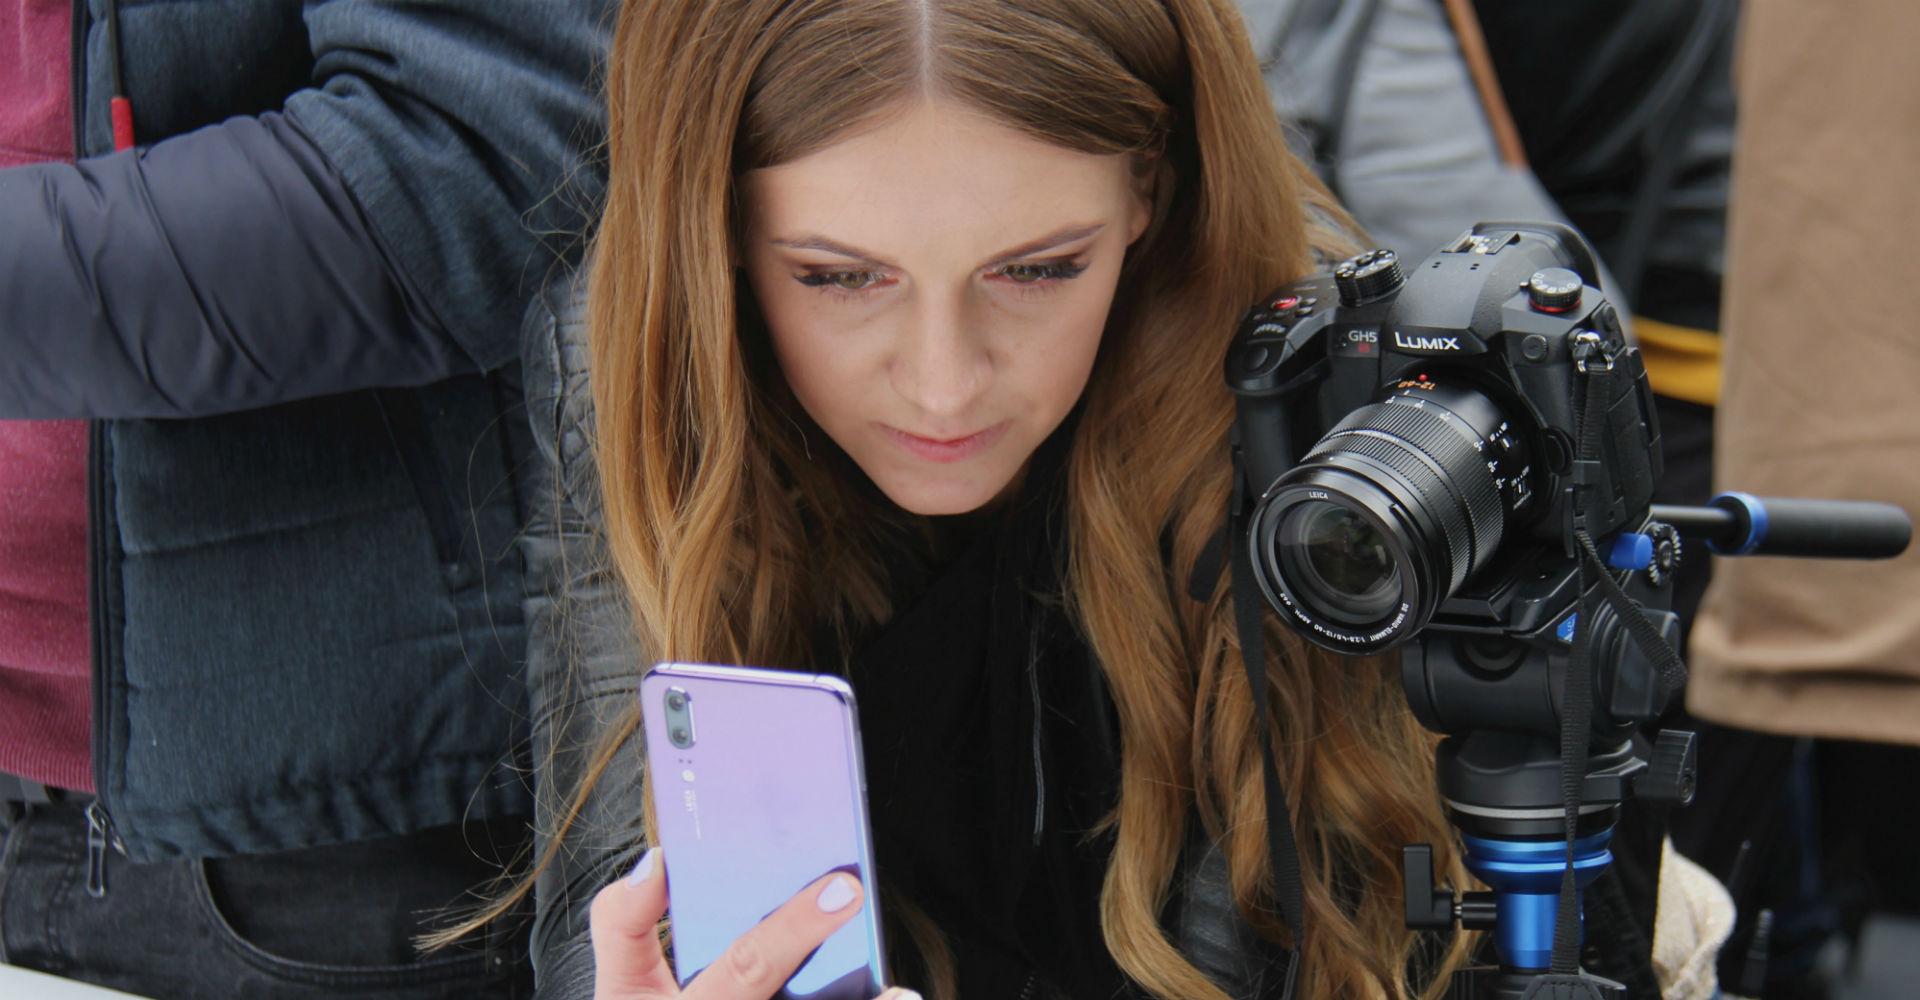 Frau hält P20-Smartphone in den Händen.